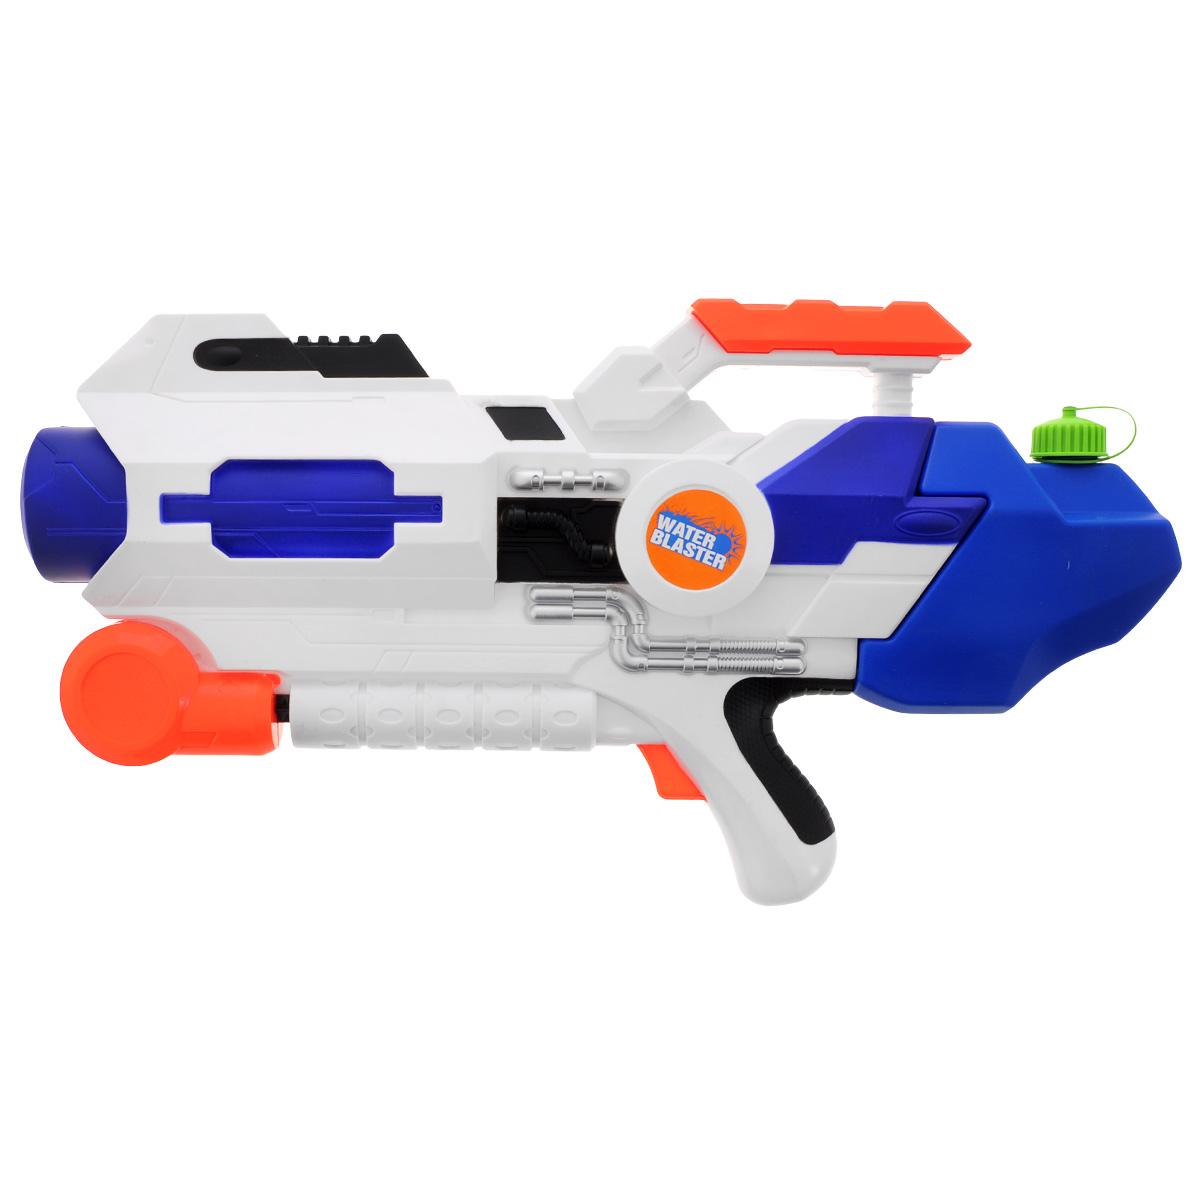 Водный бластер Bebelot Турбо: Охрана. BEB1106-036 игрушка для активного отдыха bebelot захват beb1106 045